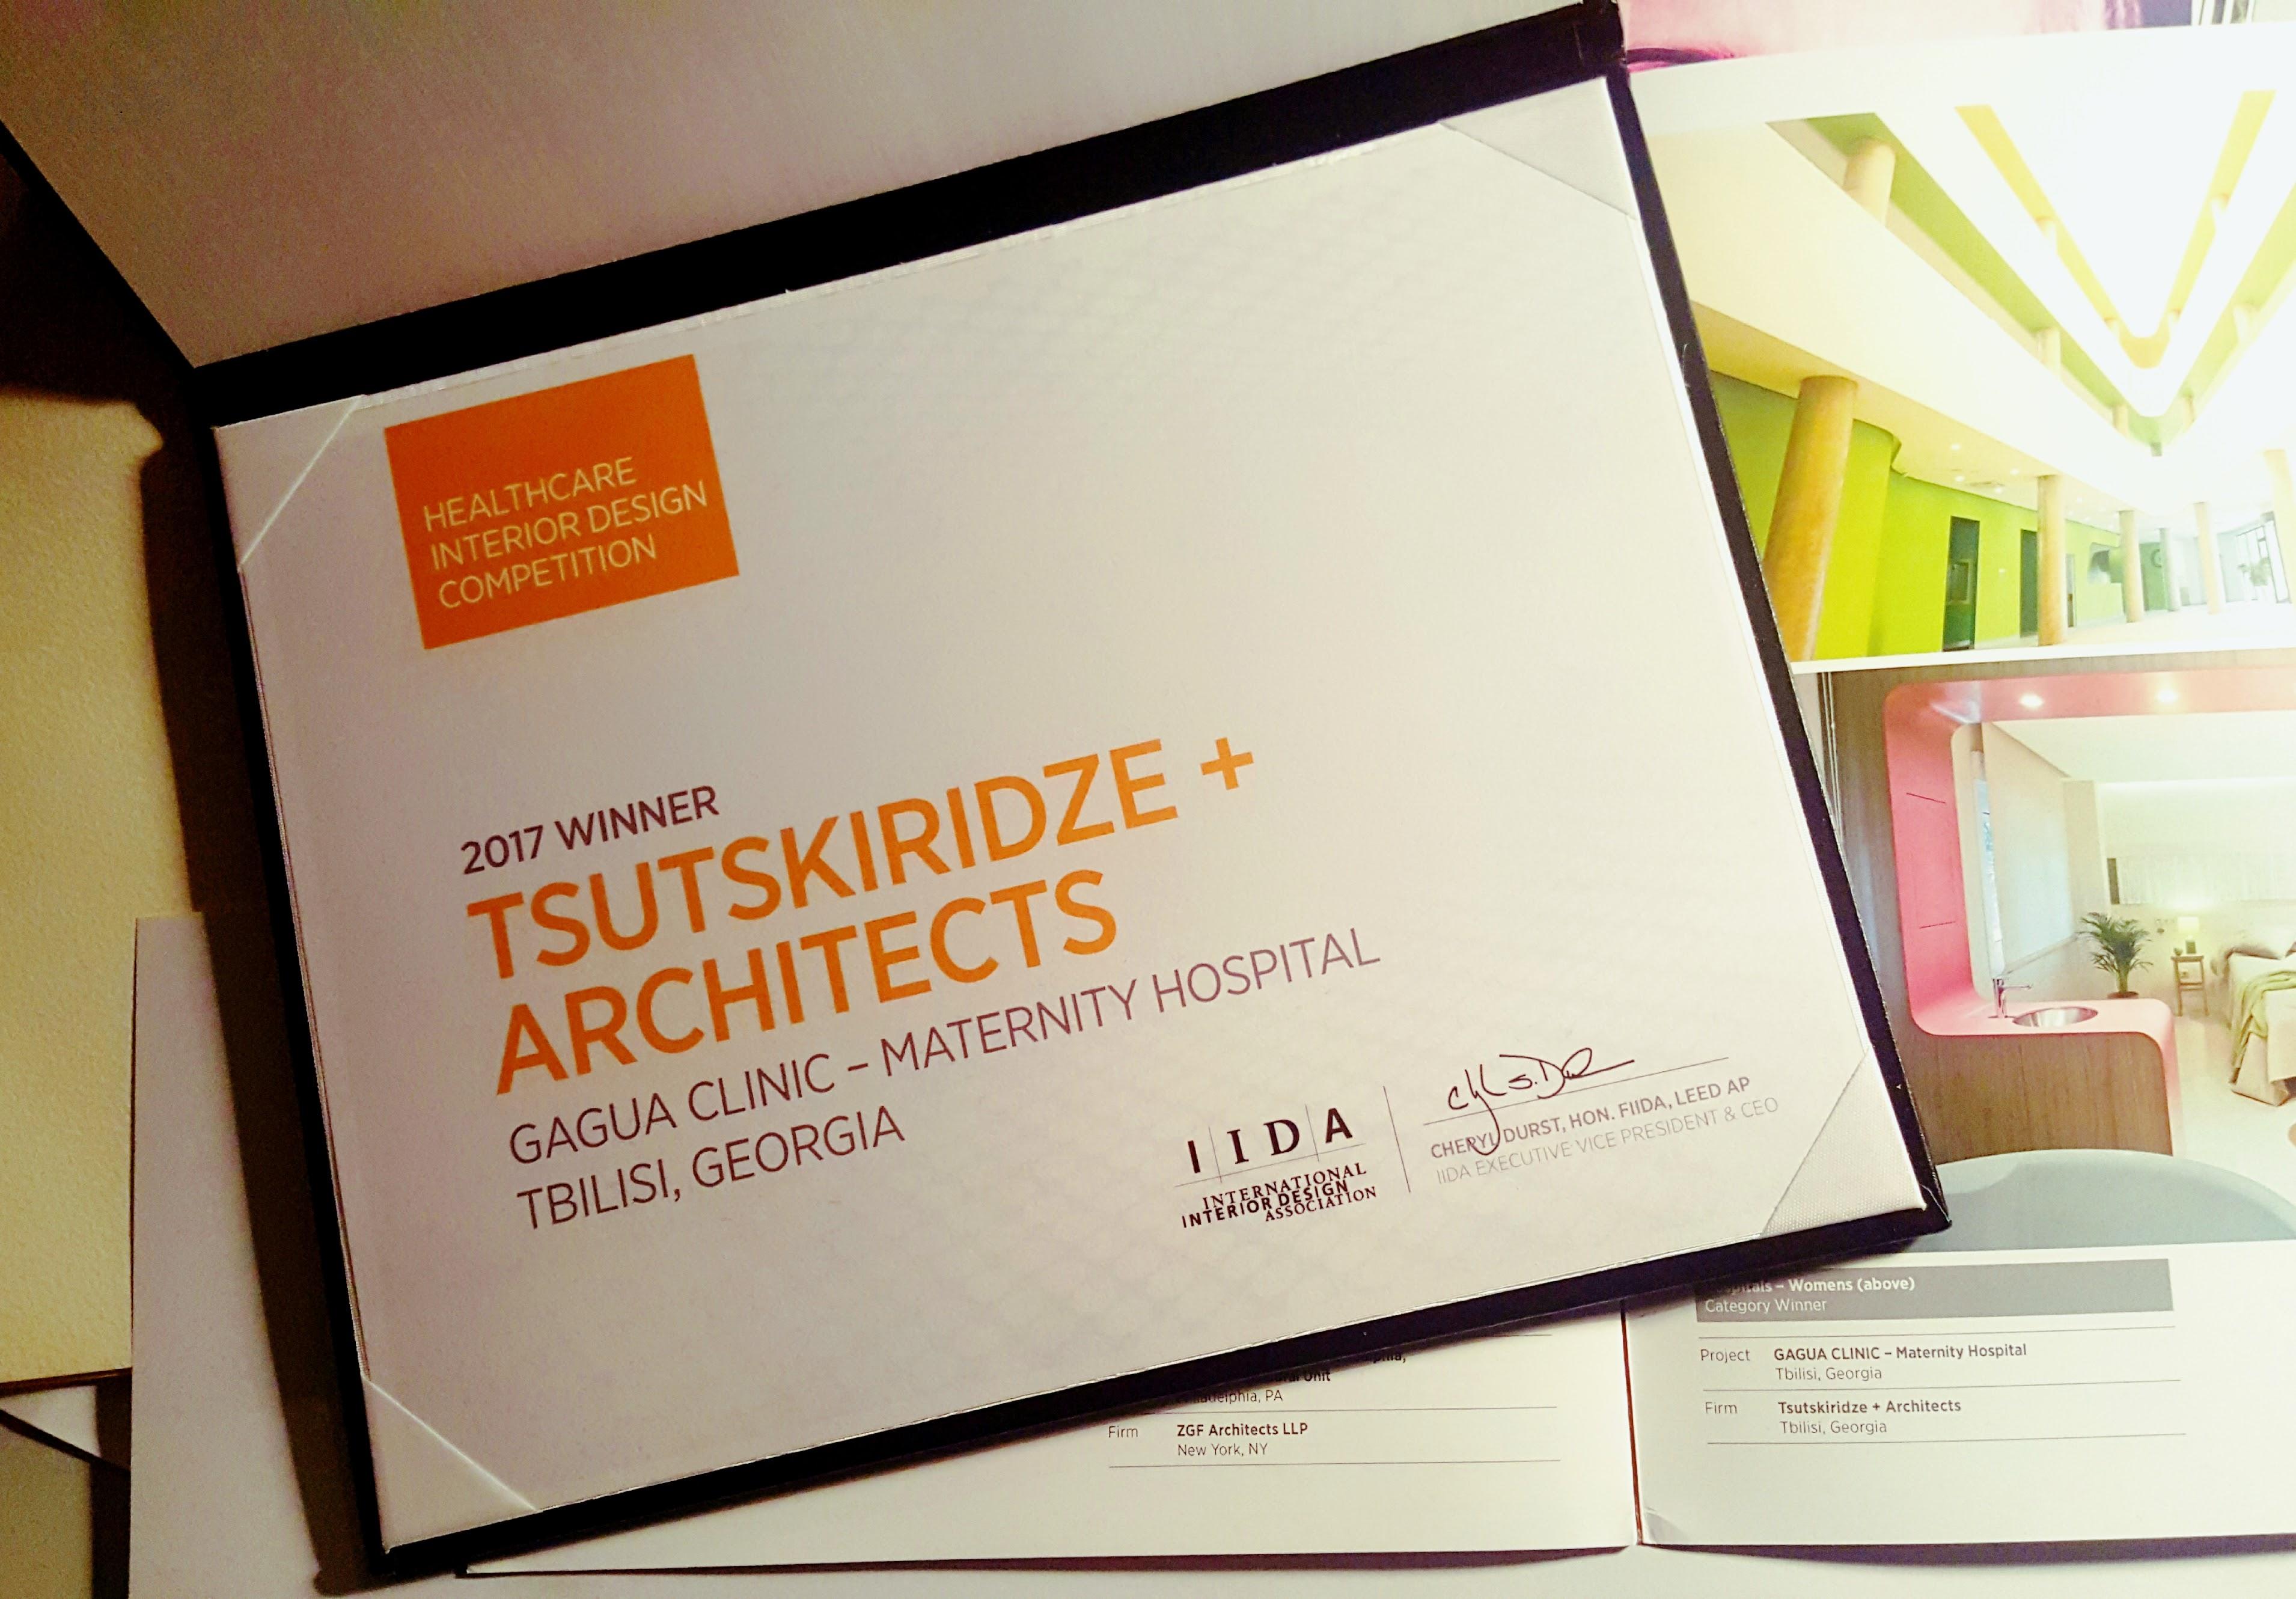 IIDA Healthcare Design Award 2017